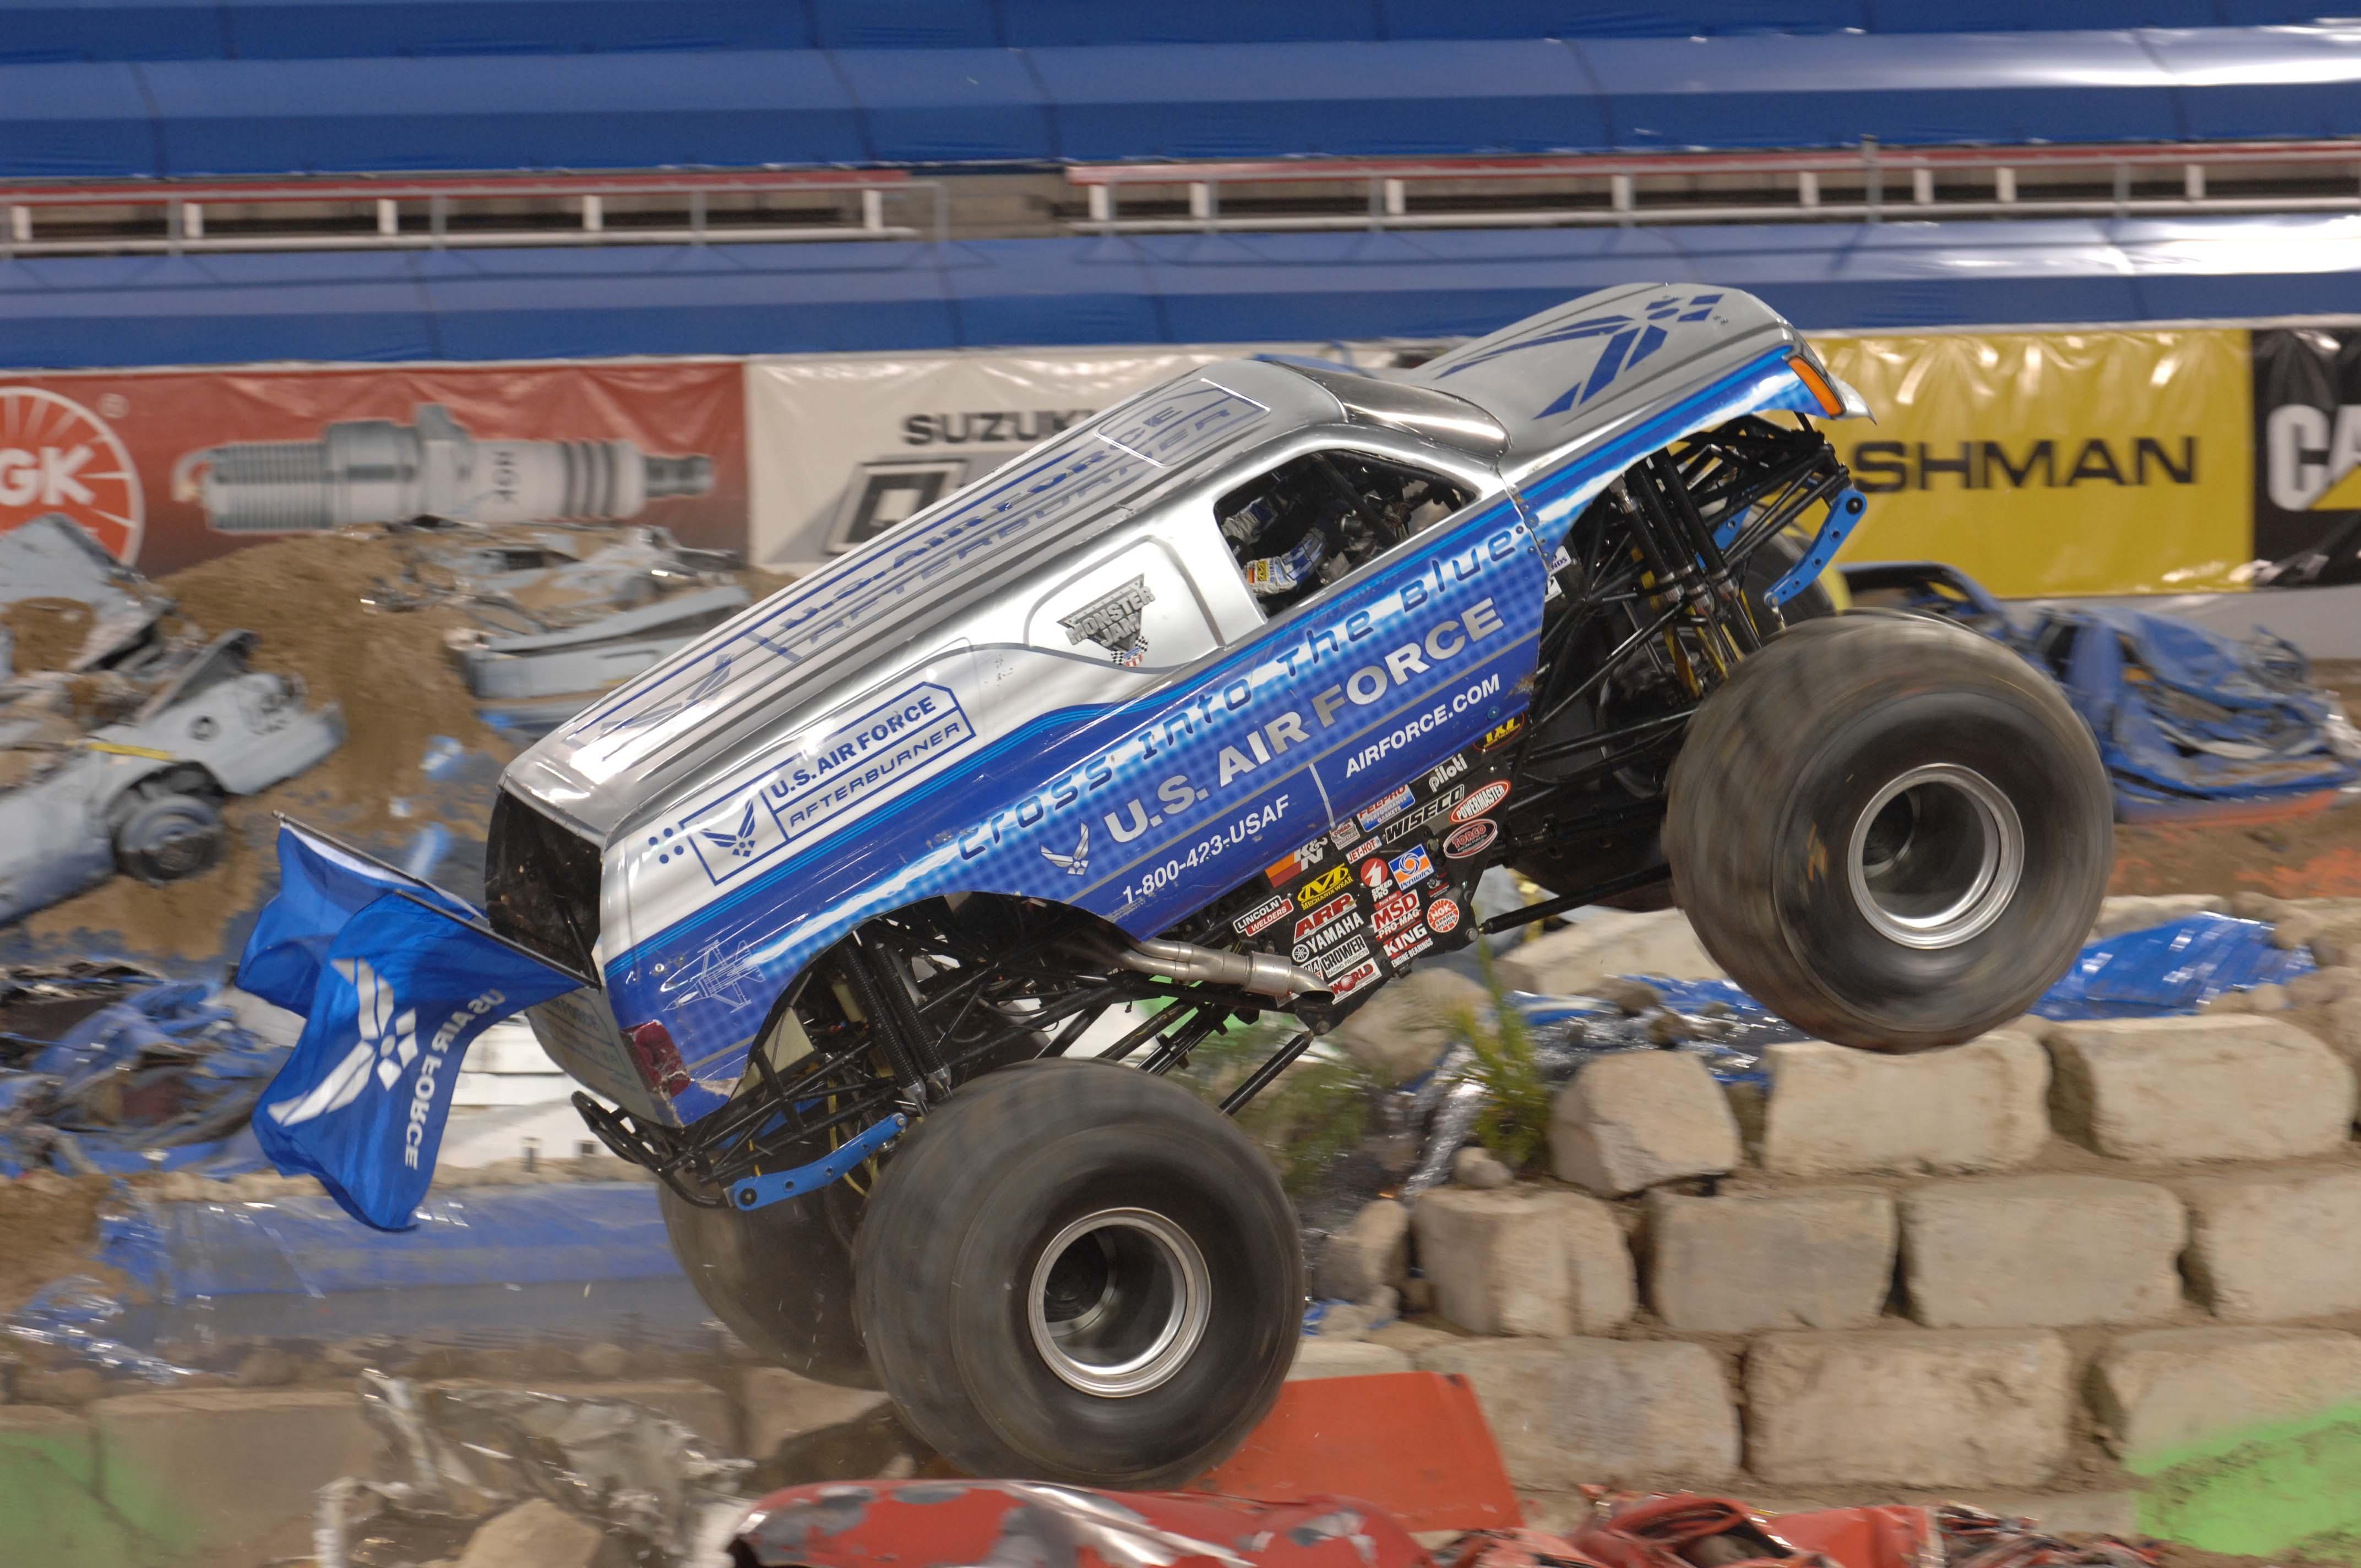 Monster Truck, Giant, Monster, Race, Racing, HQ Photo